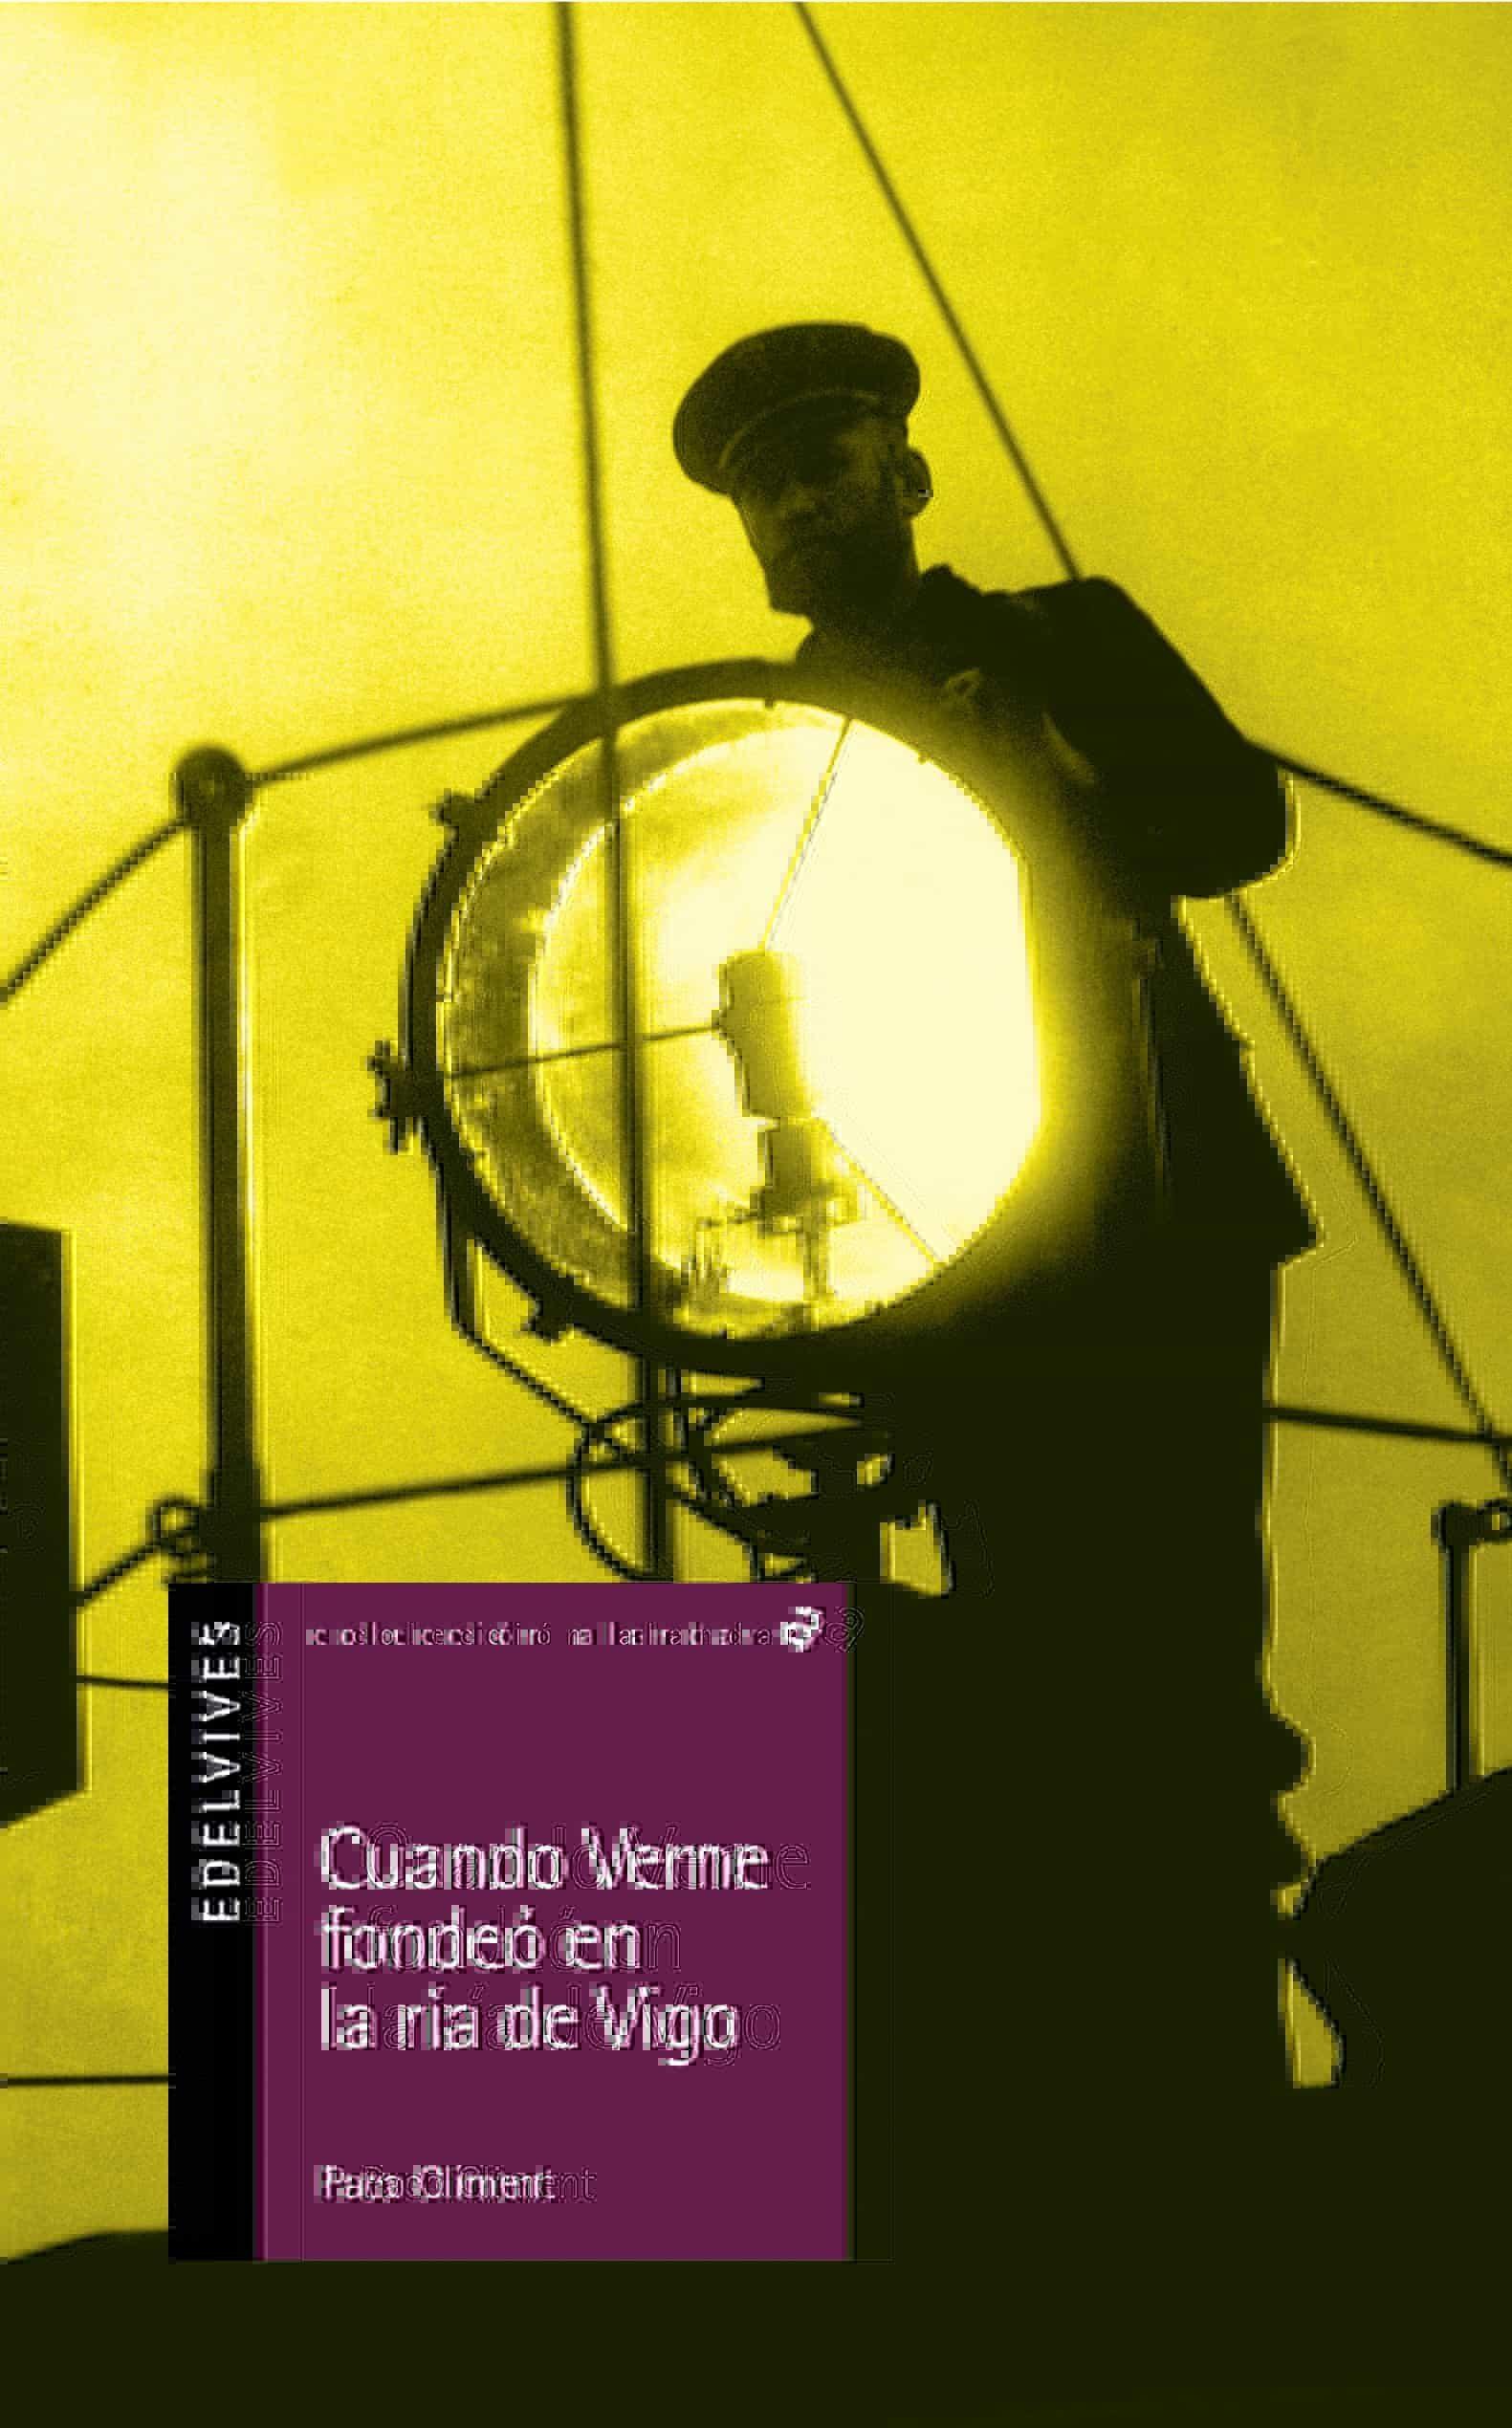 Cuando Verne Fondeo En La Ria De Vigo por Paco Climent epub